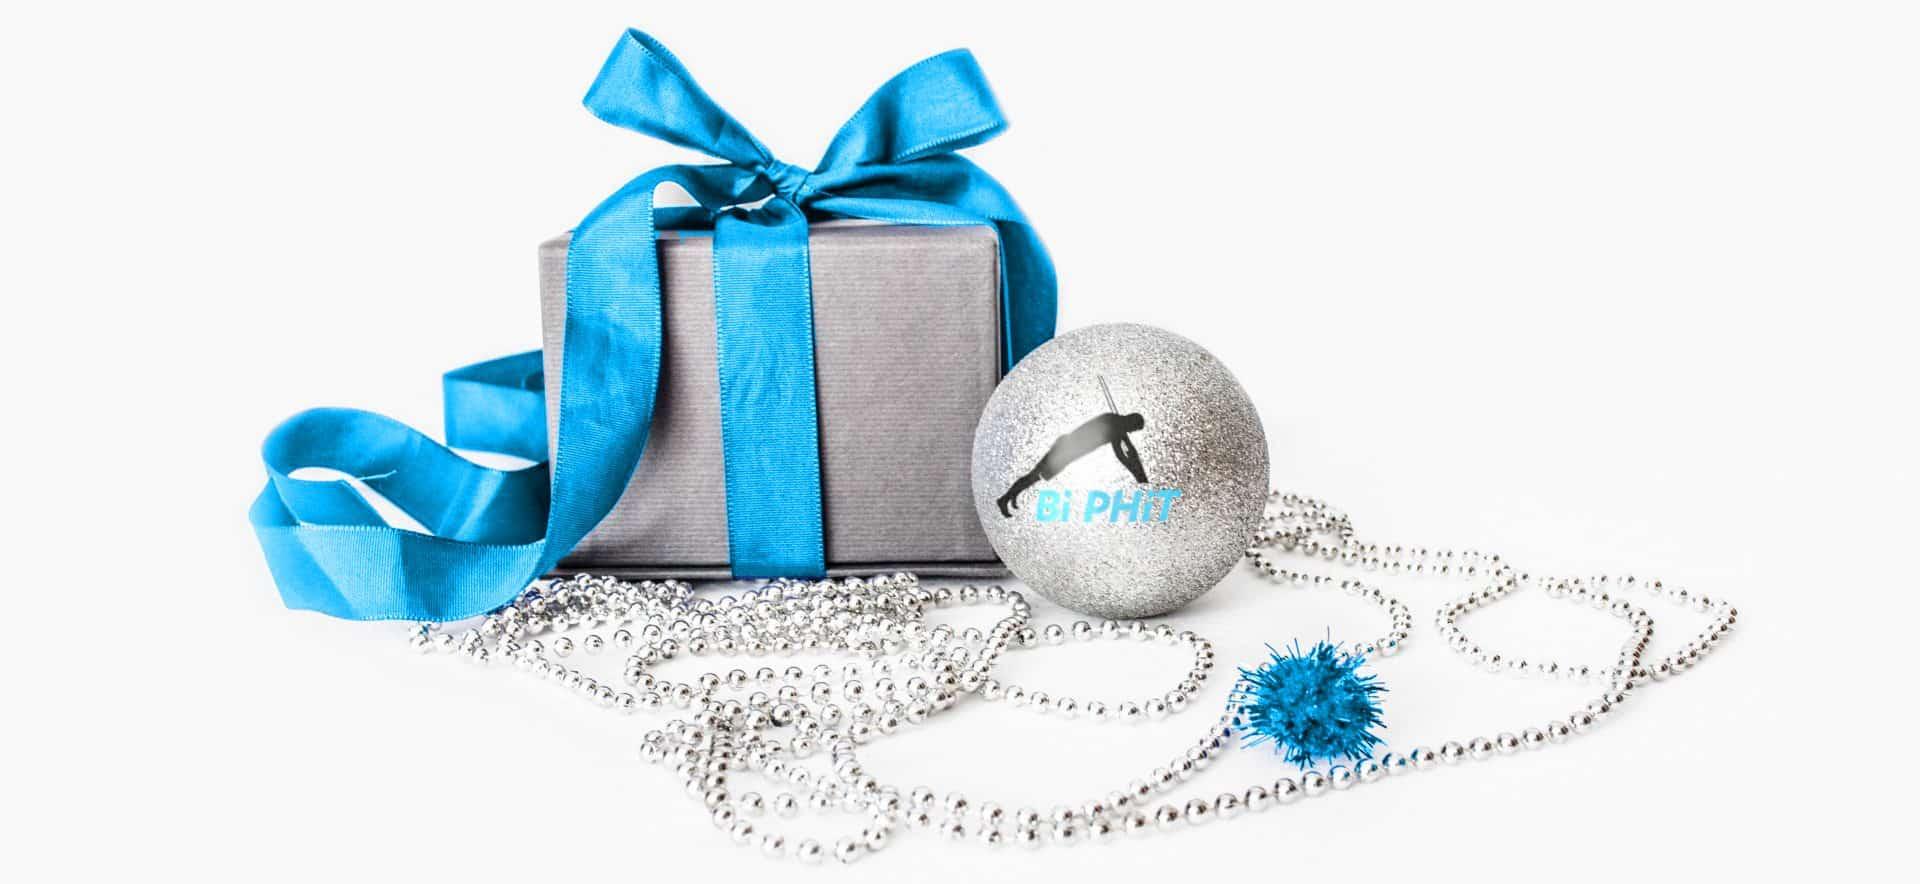 Geschenk Idee Weihnachten 2015